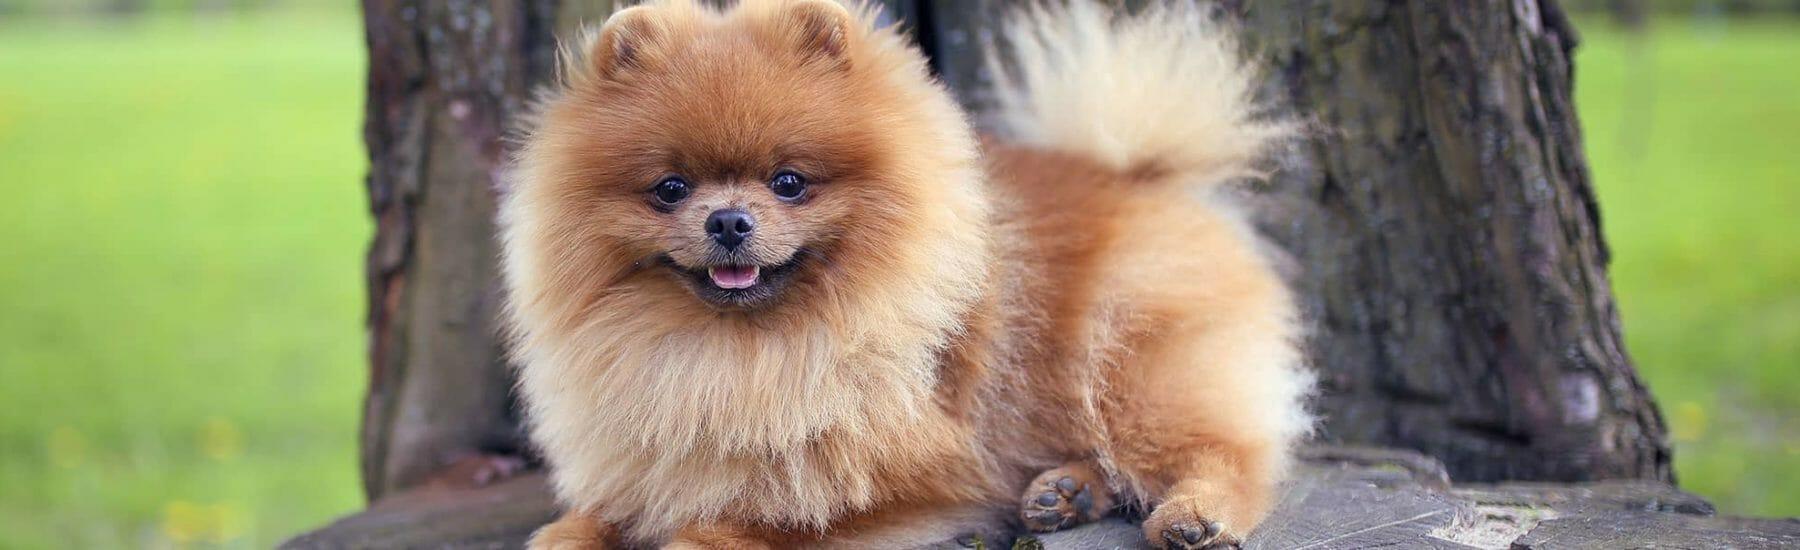 Fluffy dog sitting on a stump